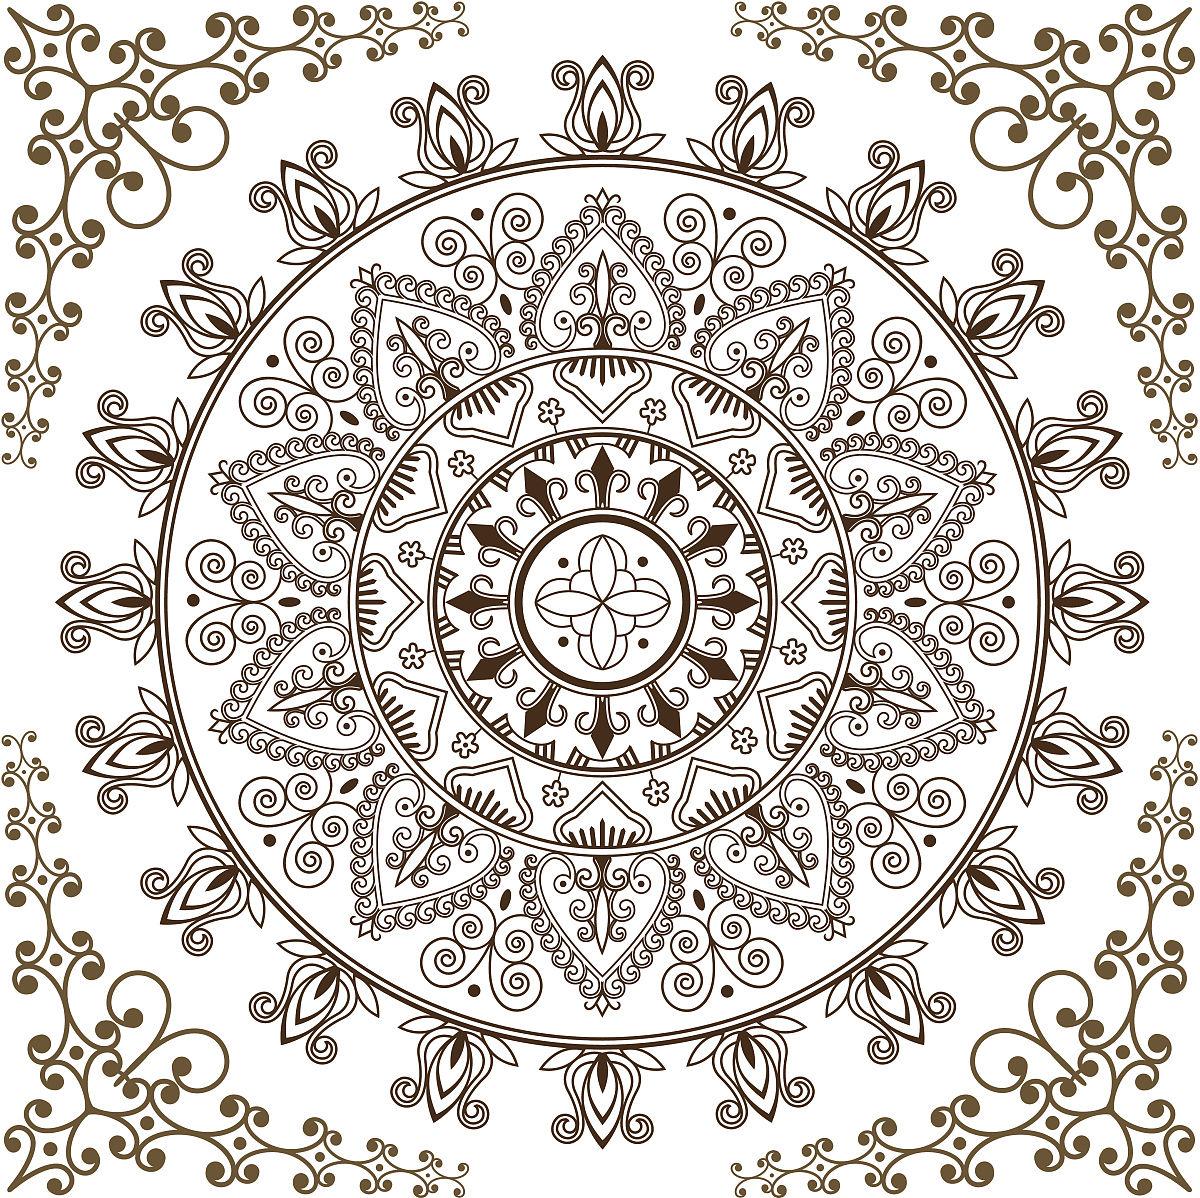 圆形花纹几何纹身分享展示图片